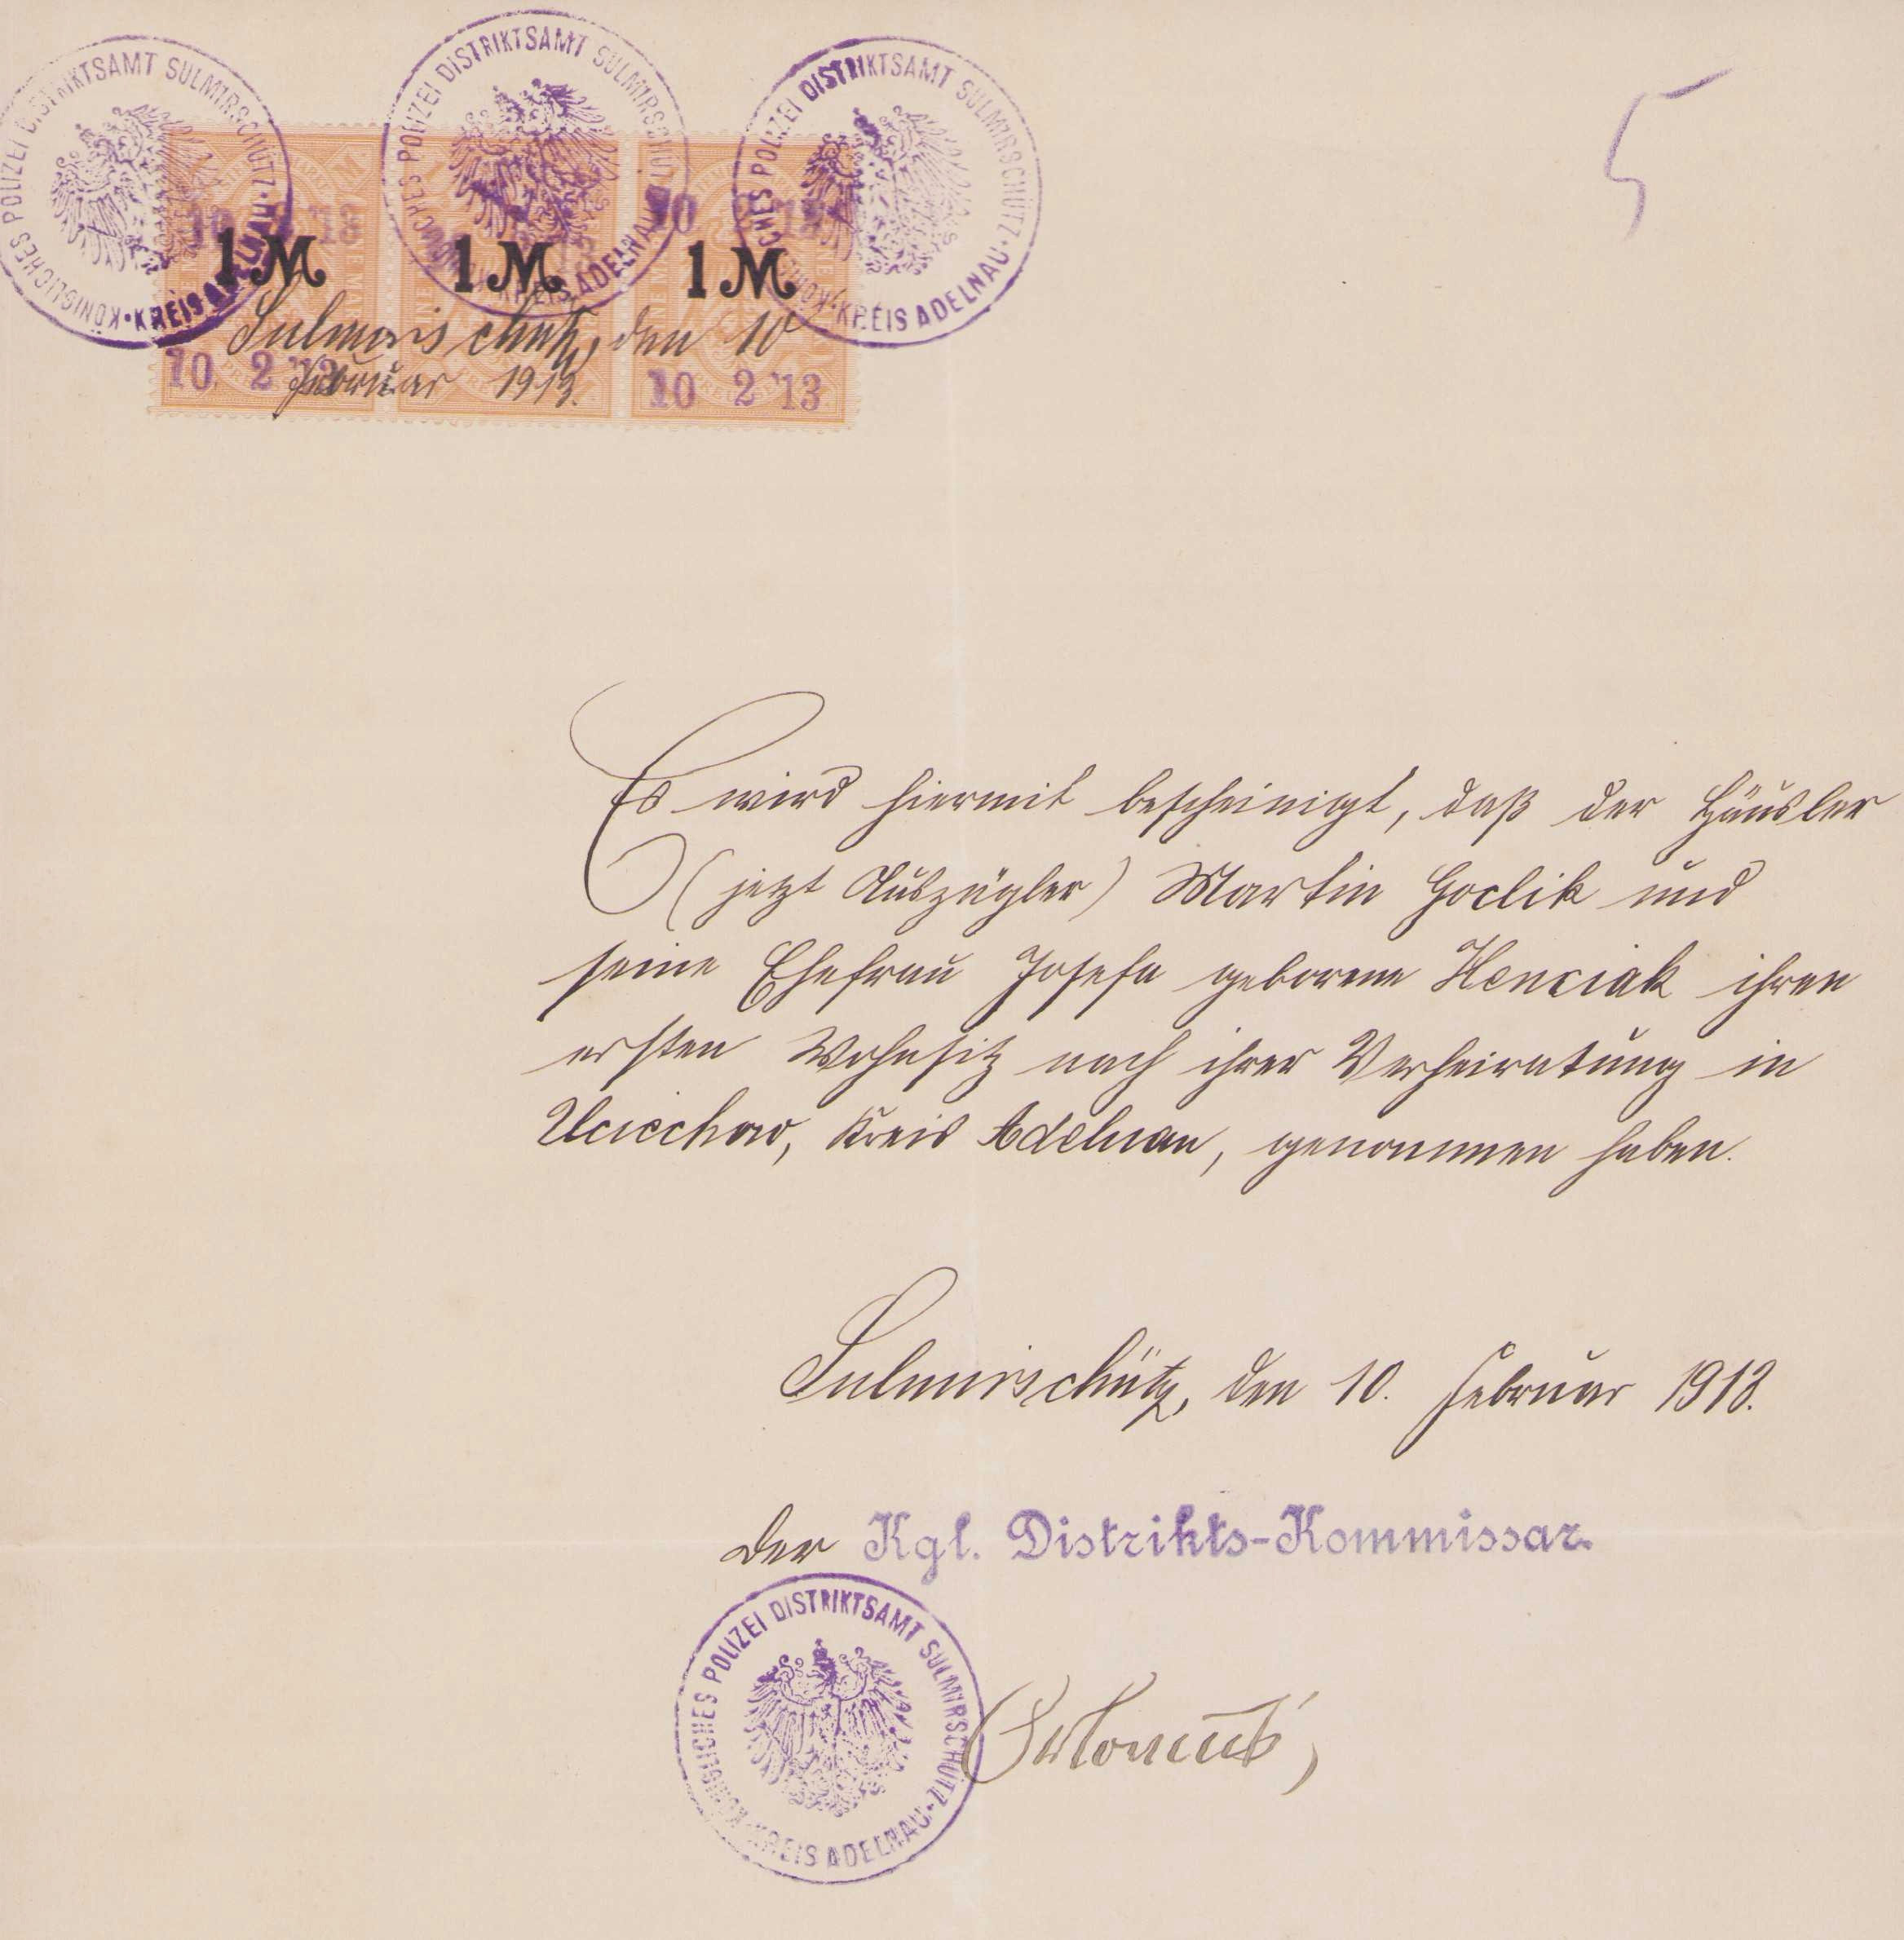 ПОЛИЦЕЙСКИЙ РАЙОН СУЛЬМИЕРЗИЦЕ 1913 - Доходы